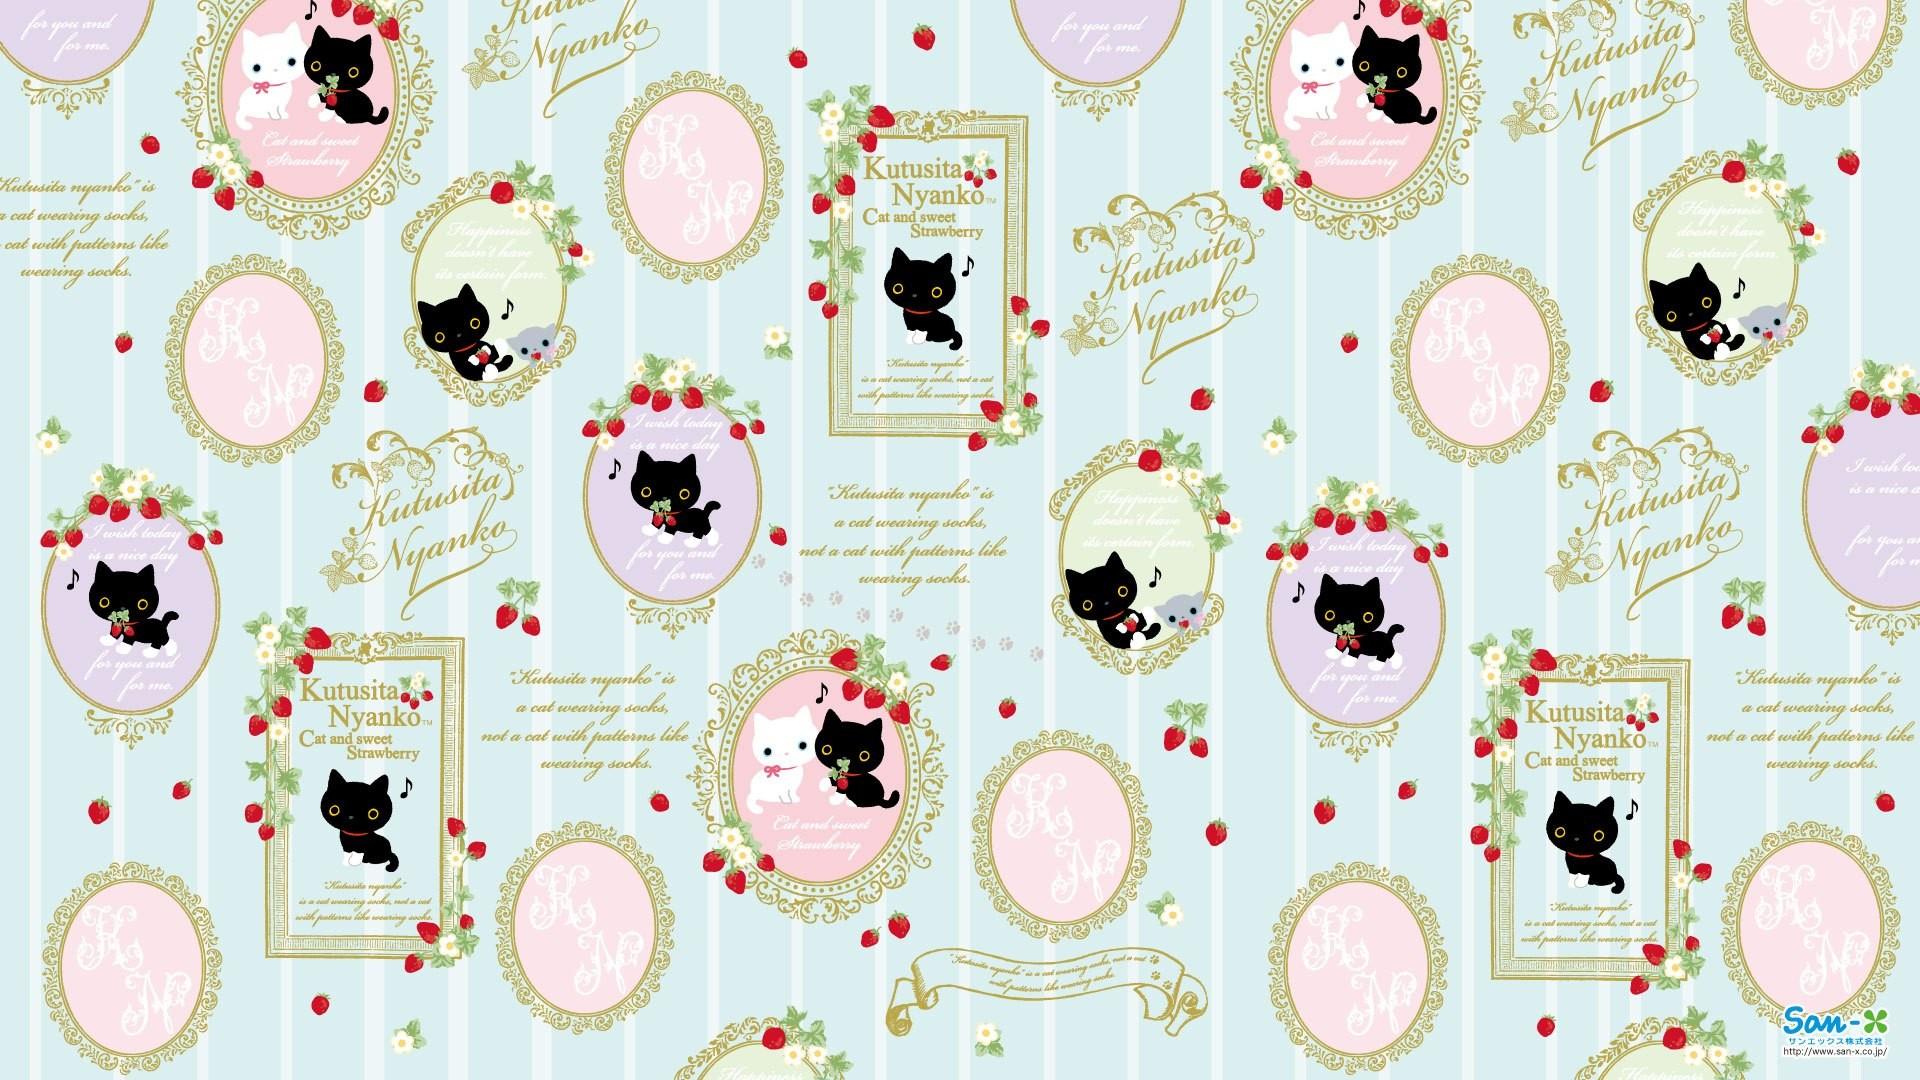 Kutusita Nyanko Cat and Strawberry Wallpaper